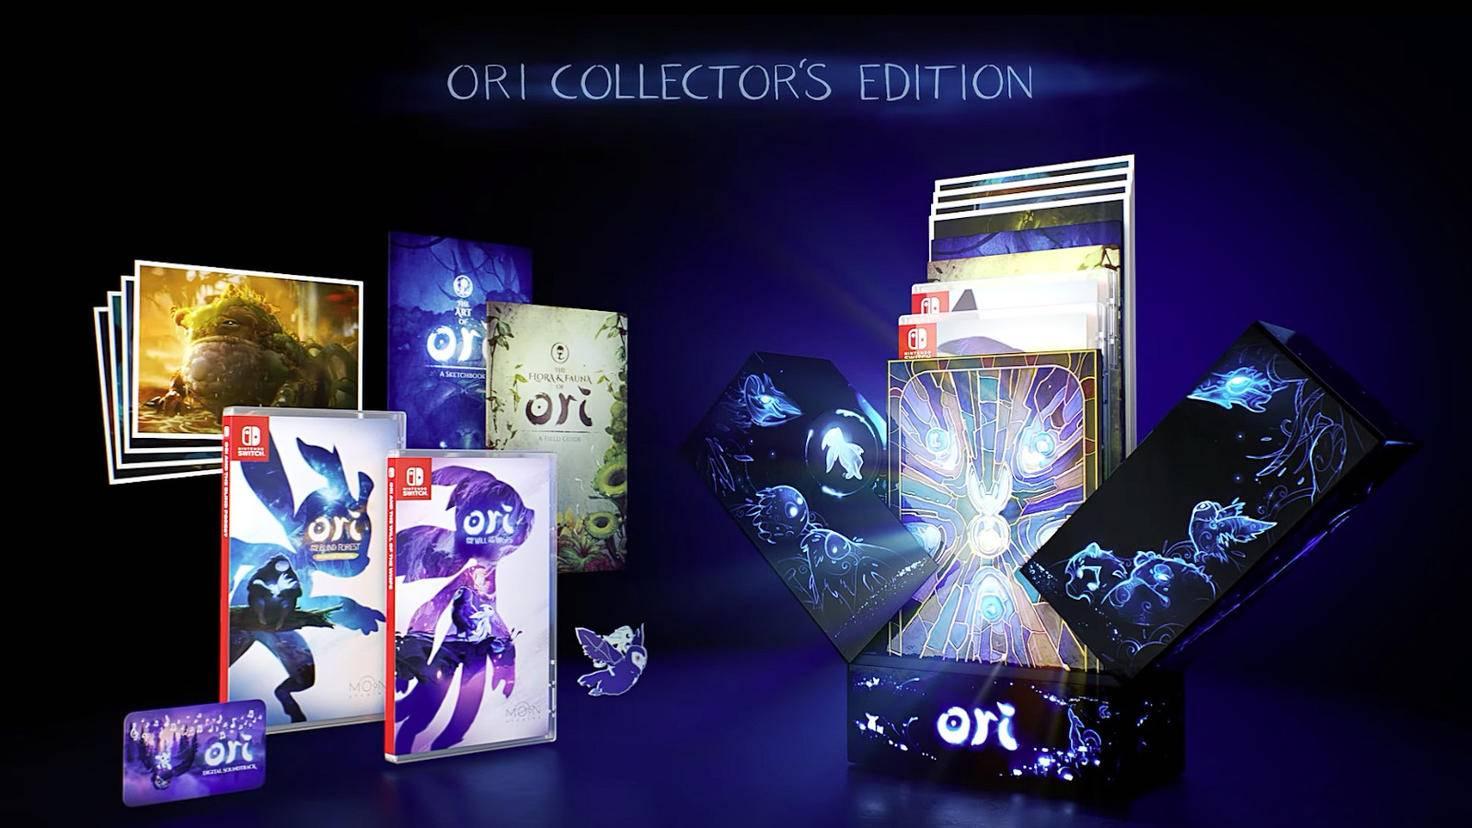 ori-collectors-edition